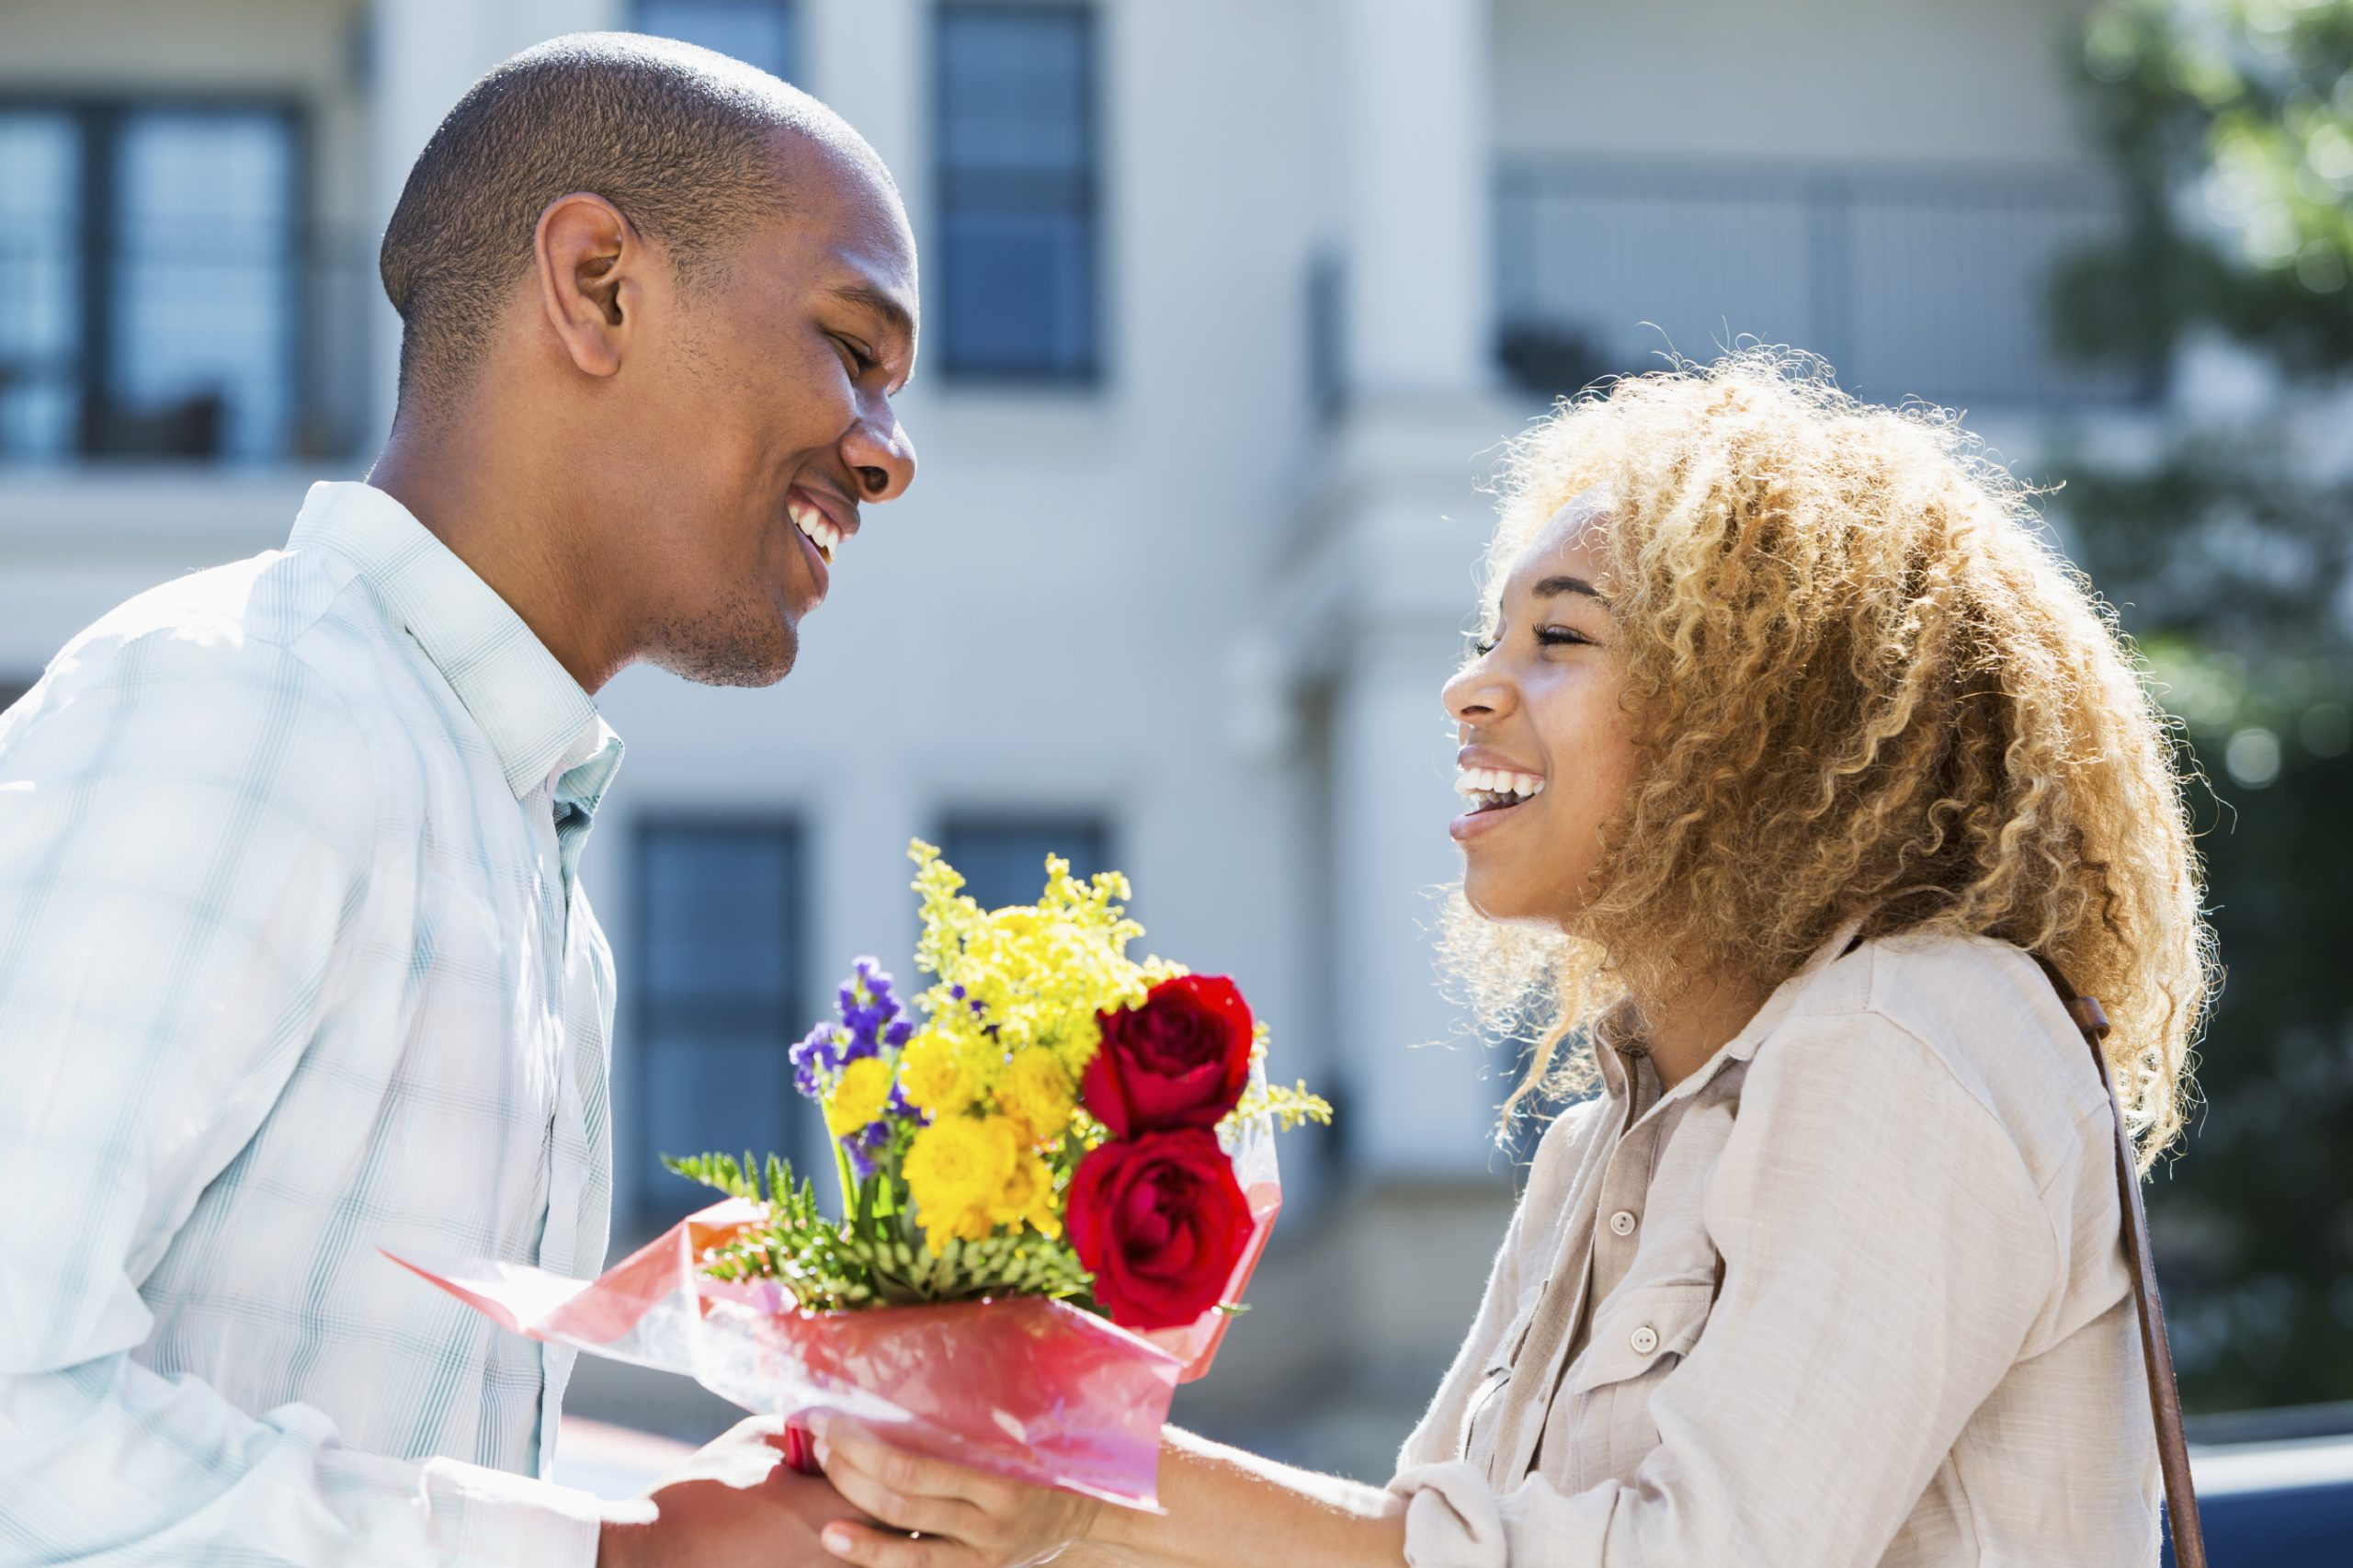 Pure courtship